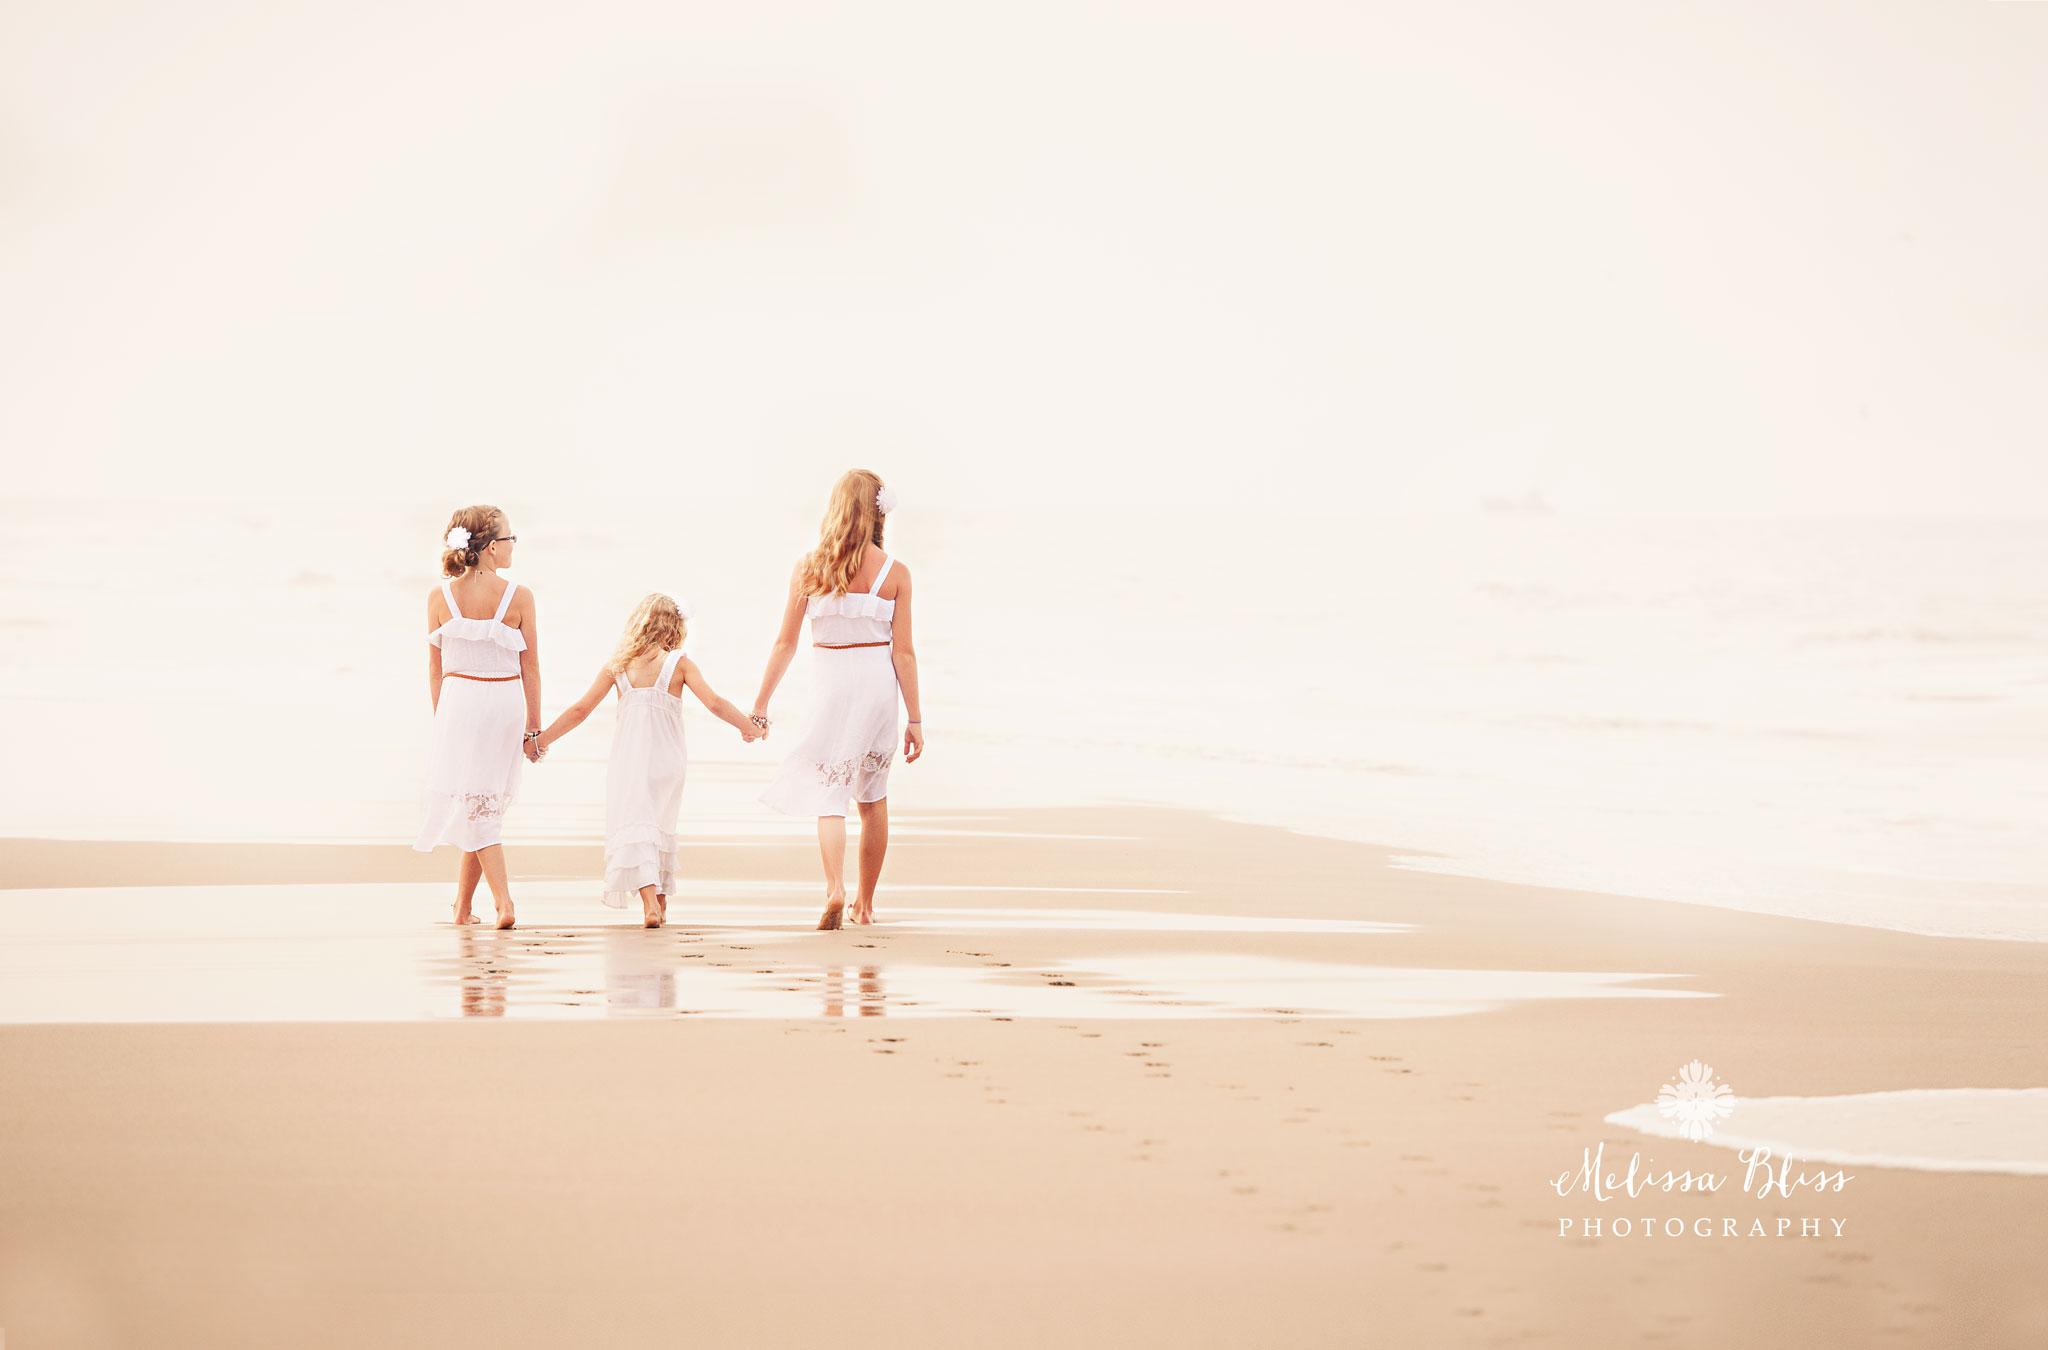 virignia-beach-family-child-photographer-melissa-bliss-photography-sandbridge-beach-va-beach-photography